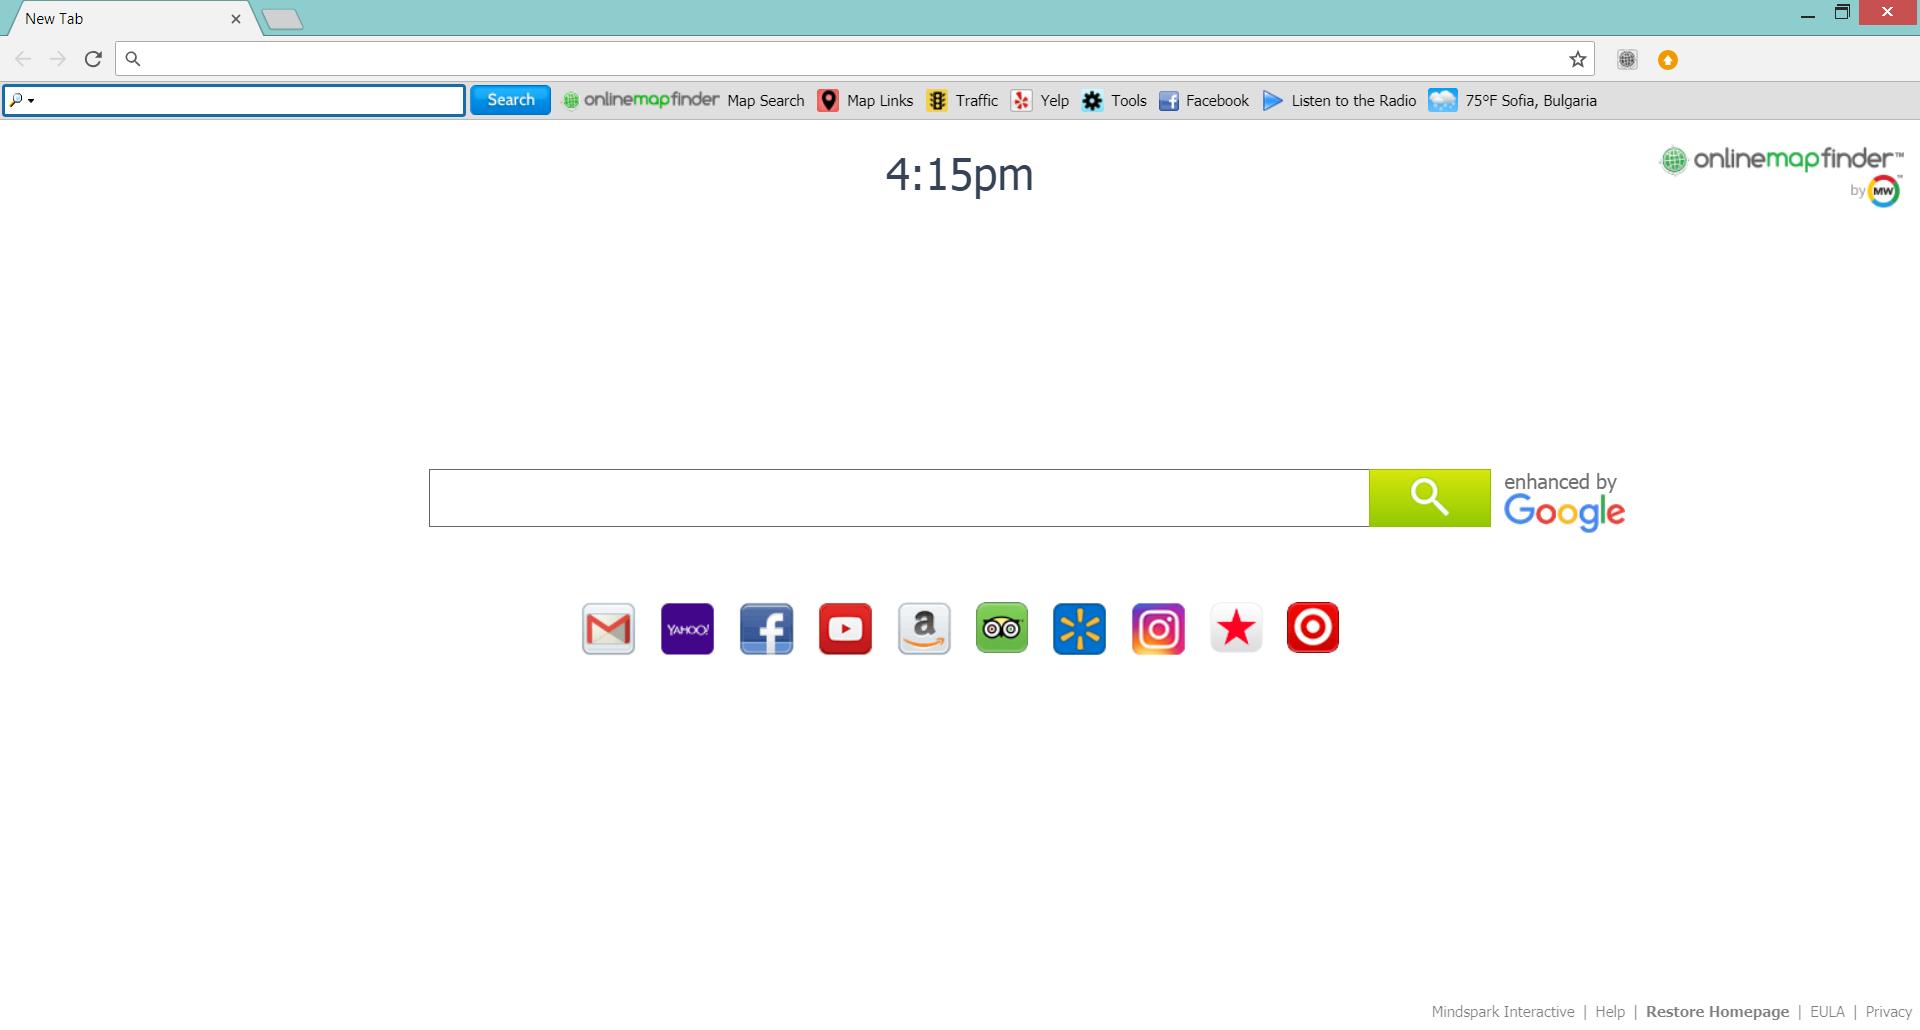 onlinemapfinder distributes myway browser hijacker